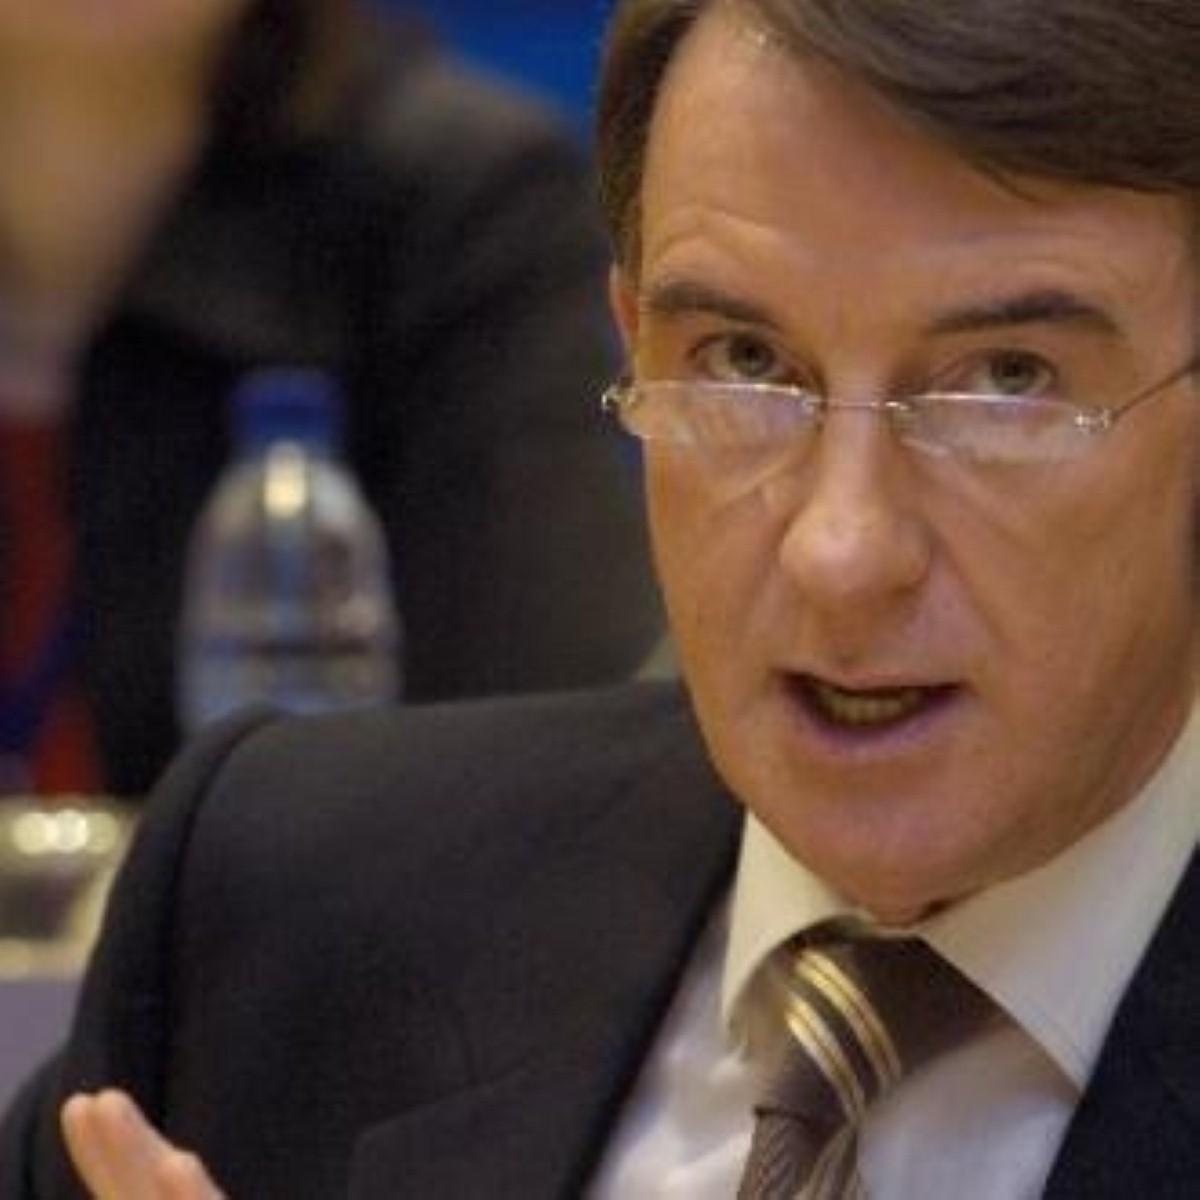 Peter Mandelson is displeased